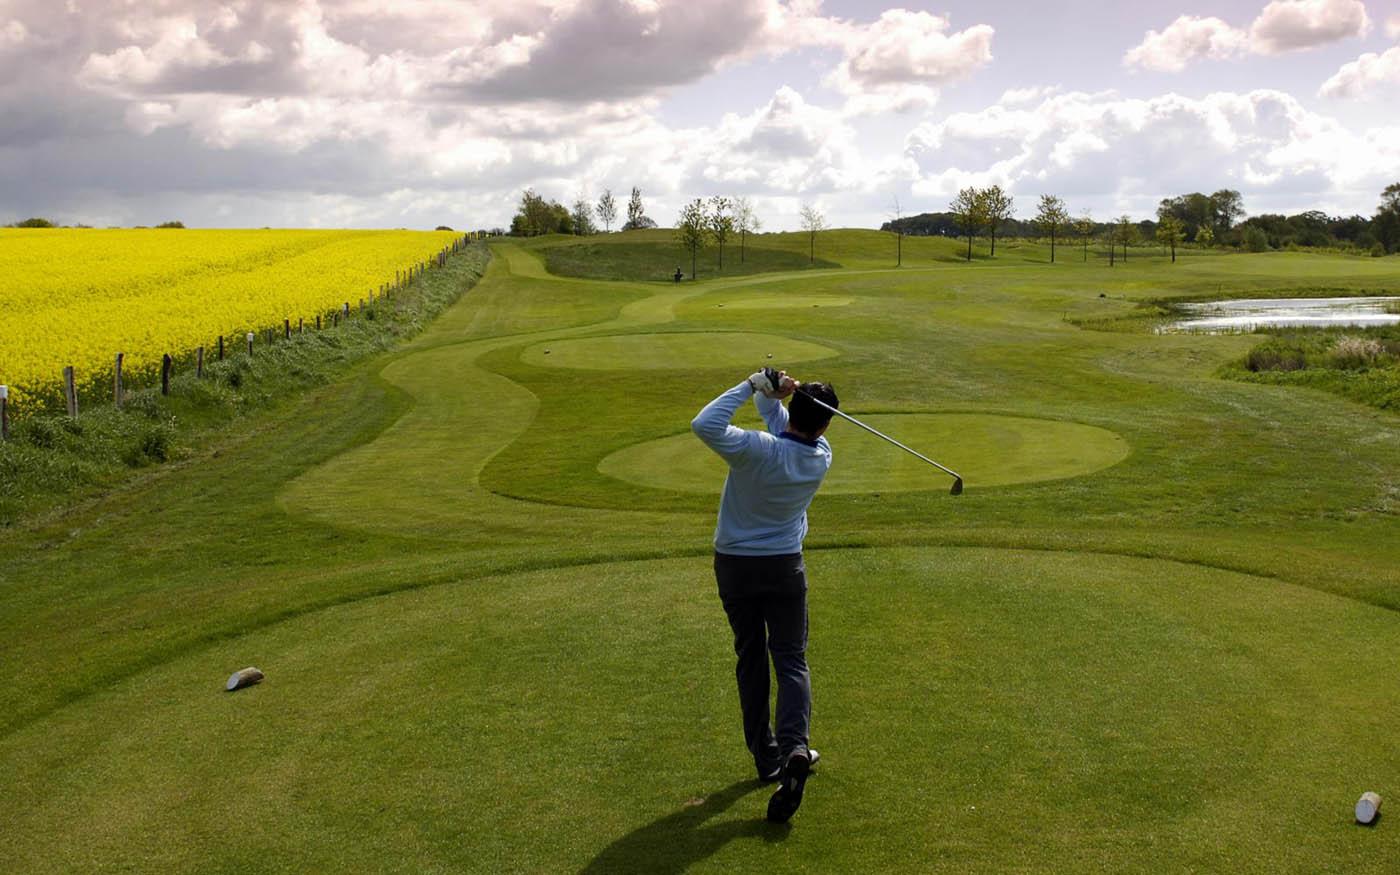 Ein Golfer schlägt den Ball in Gut Kaden